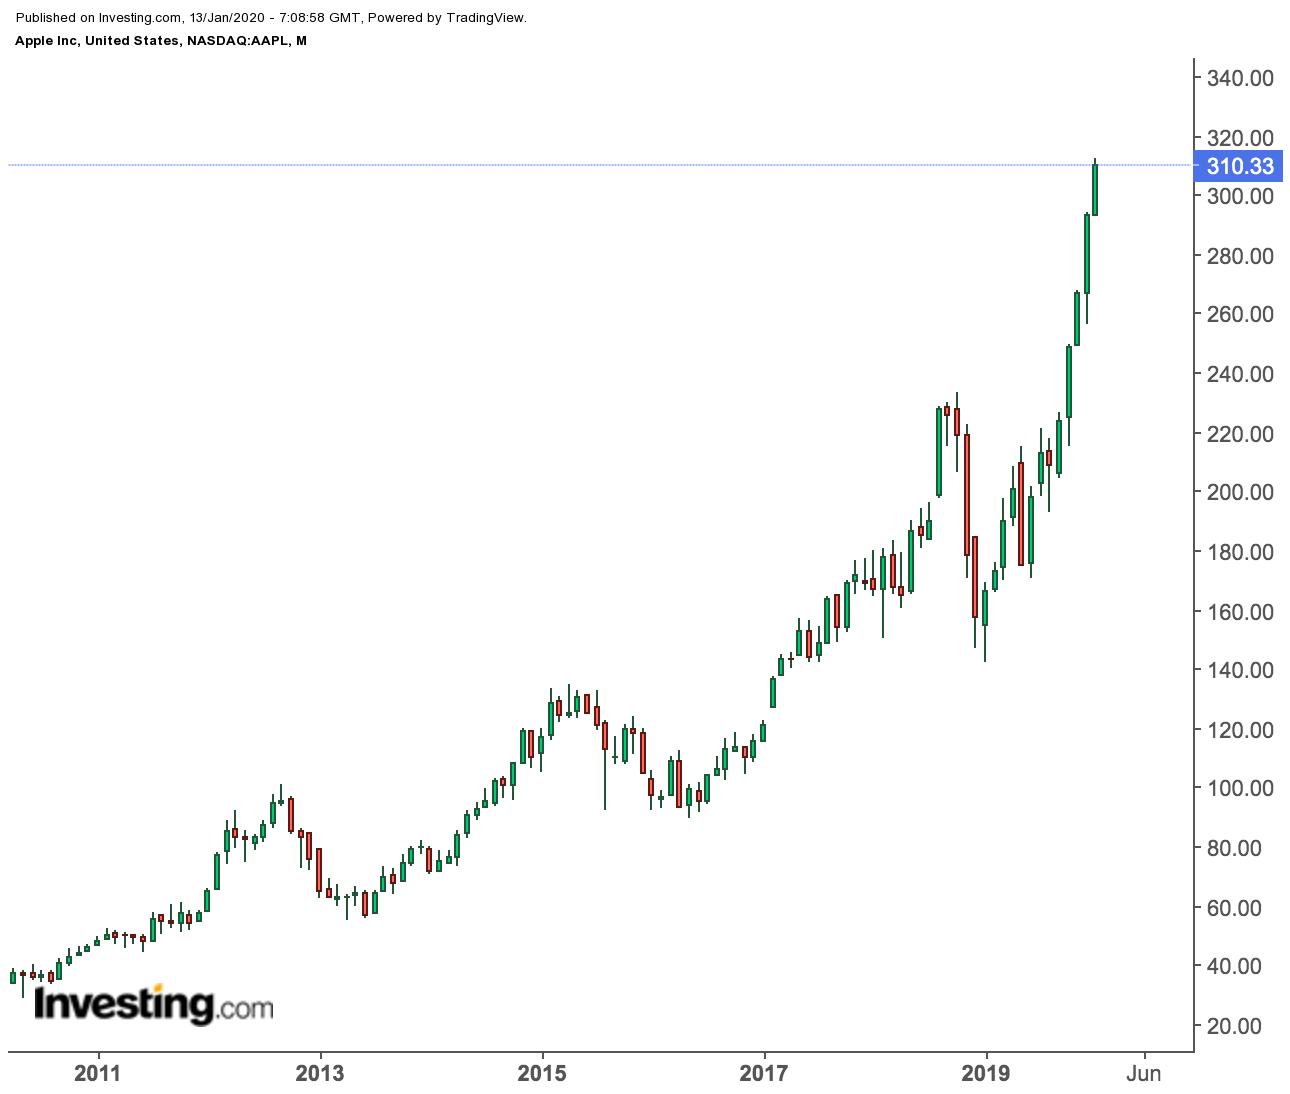 Giá cổ phiếu Apple theo tháng